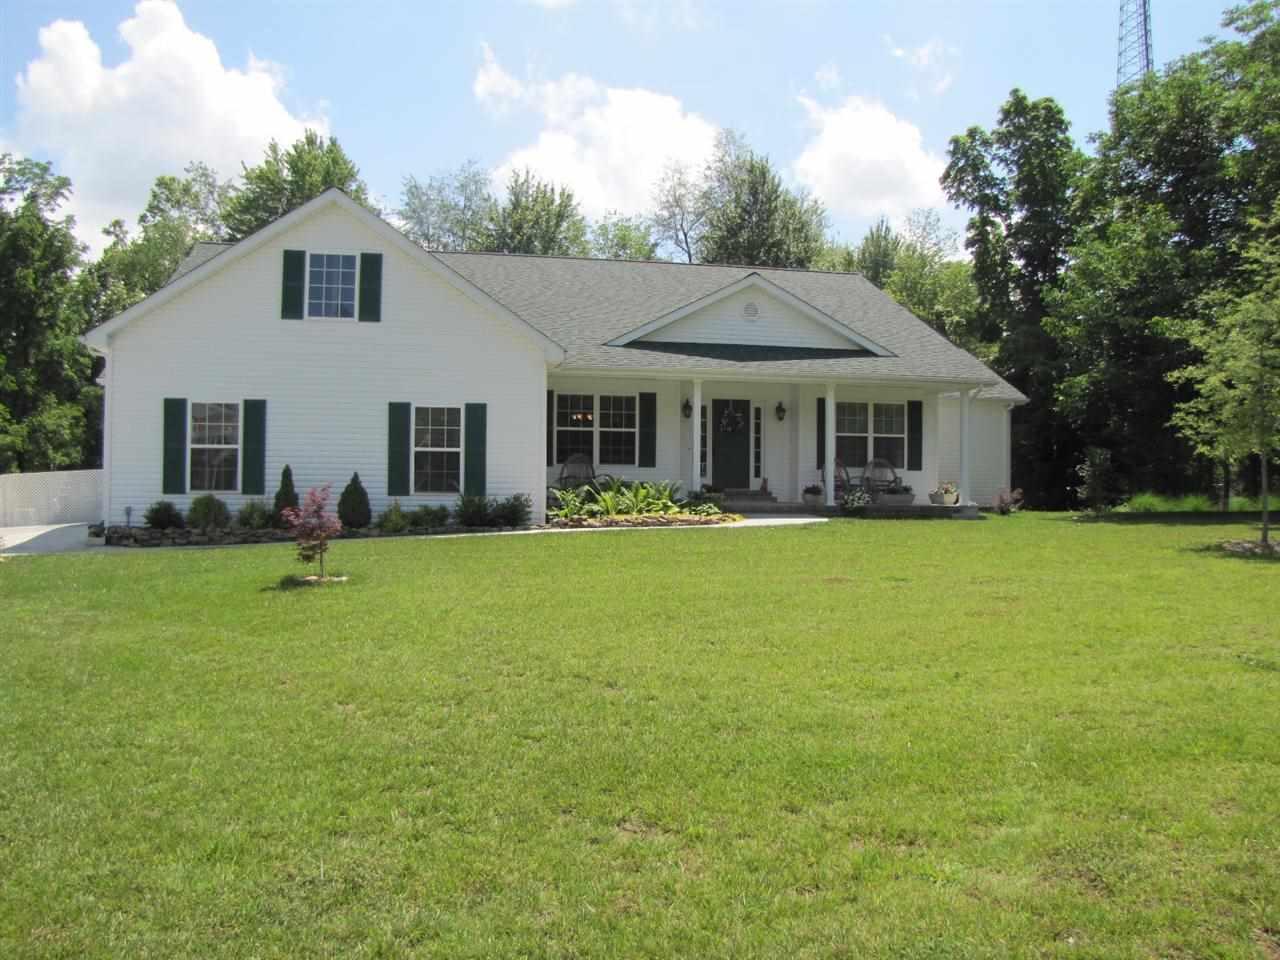 Real Estate for Sale, ListingId: 28484312, Kevil,KY42053